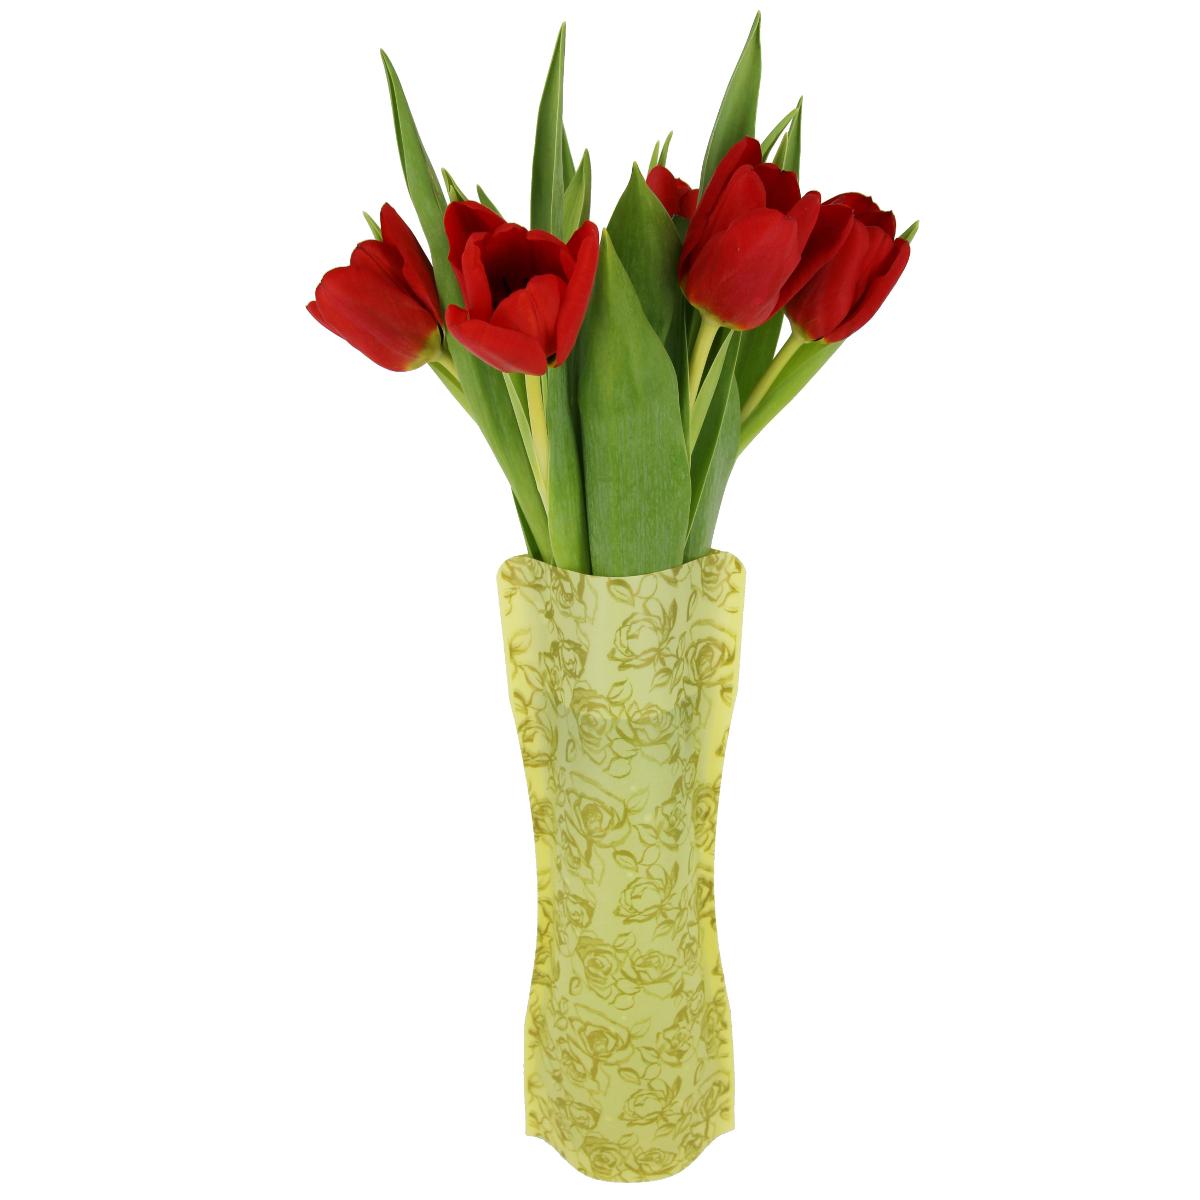 Ваза МастерПроф Золотые розы, пластичная, 1 л54 009312Пластичная ваза Золотые розы легко складывается, удобно хранится - занимает мало места, долго служит. Всегда пригодится дома, в офисе, на даче, для оформления различных меропритятий. Отлично подойдет для перевозки цветов, или просто в подарок.Инструкция: 1. Наполните вазу теплой водой;2. Дно и стенки расправятся;3. Вылейте воду;4. Наполните вазу холодной водой;5. Вставьте цветы.Меры предосторожности:Хранить вдали от источников тепла и яркого солнечного света. С осторожностью применять для растений с длинными стеблями и с крупными соцветиями, что бы избежать опрокидывания вазы.